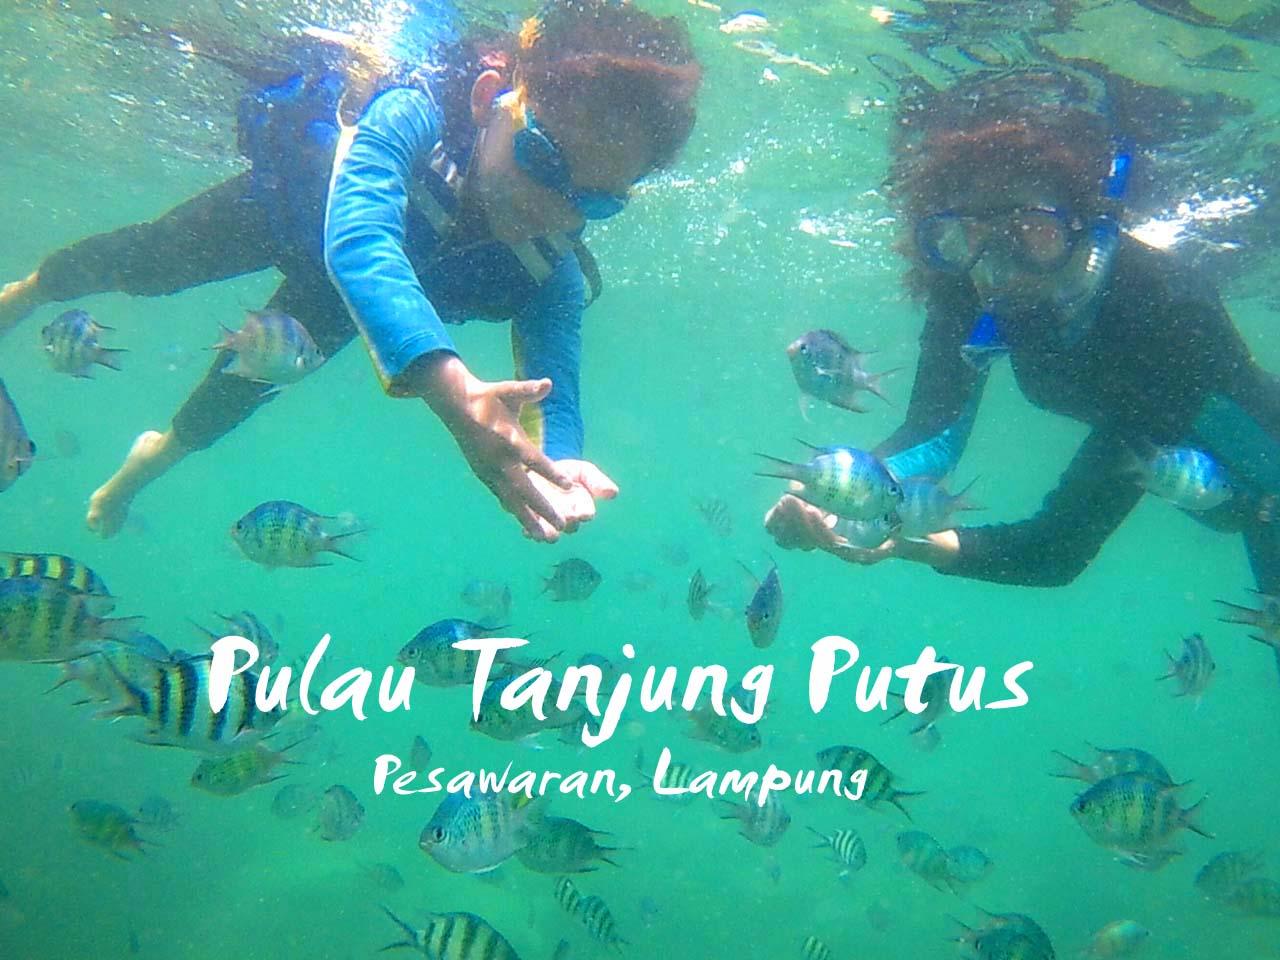 Pulau Tanjung Putus - Yopie Pangkey @